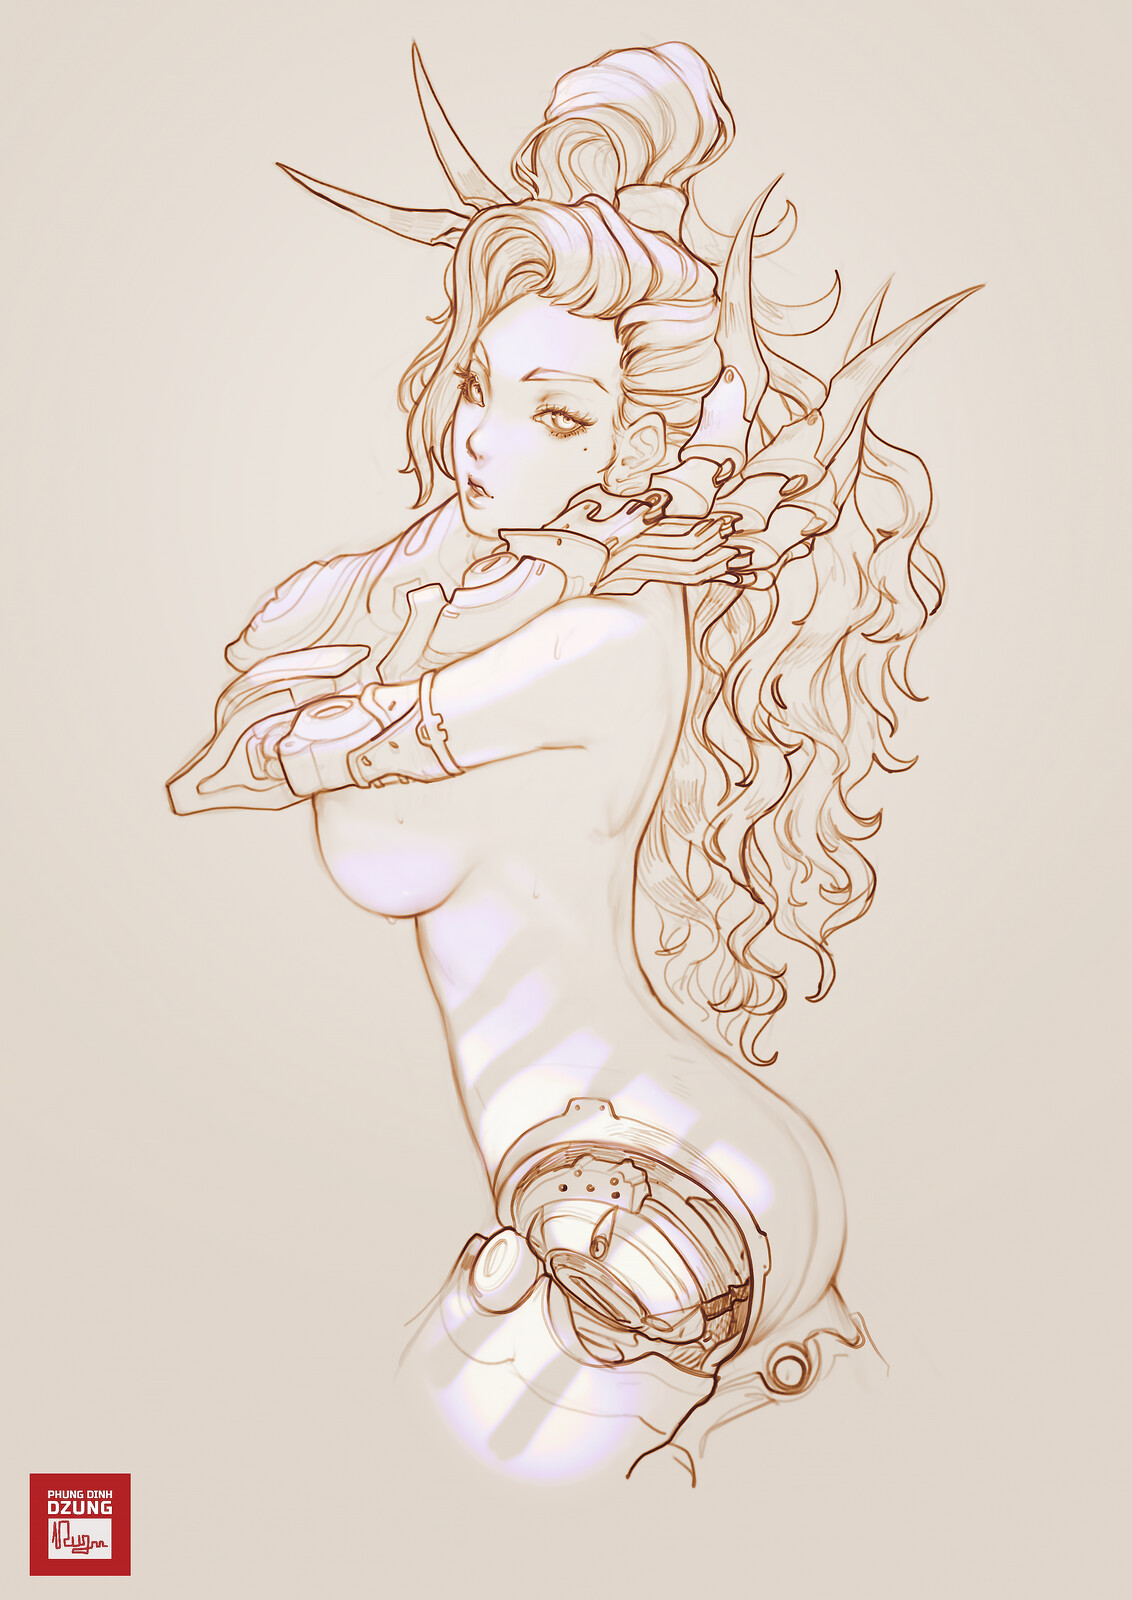 Bladilia sketch